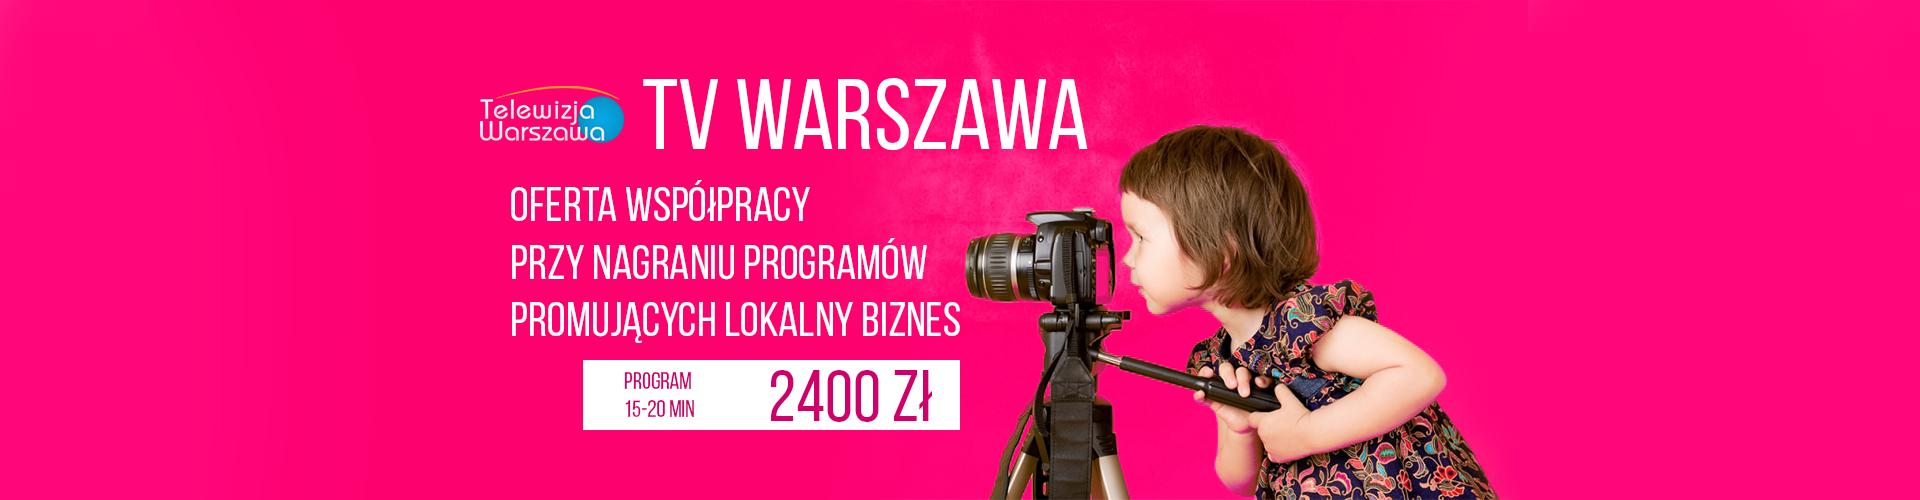 2-tv-warszawa